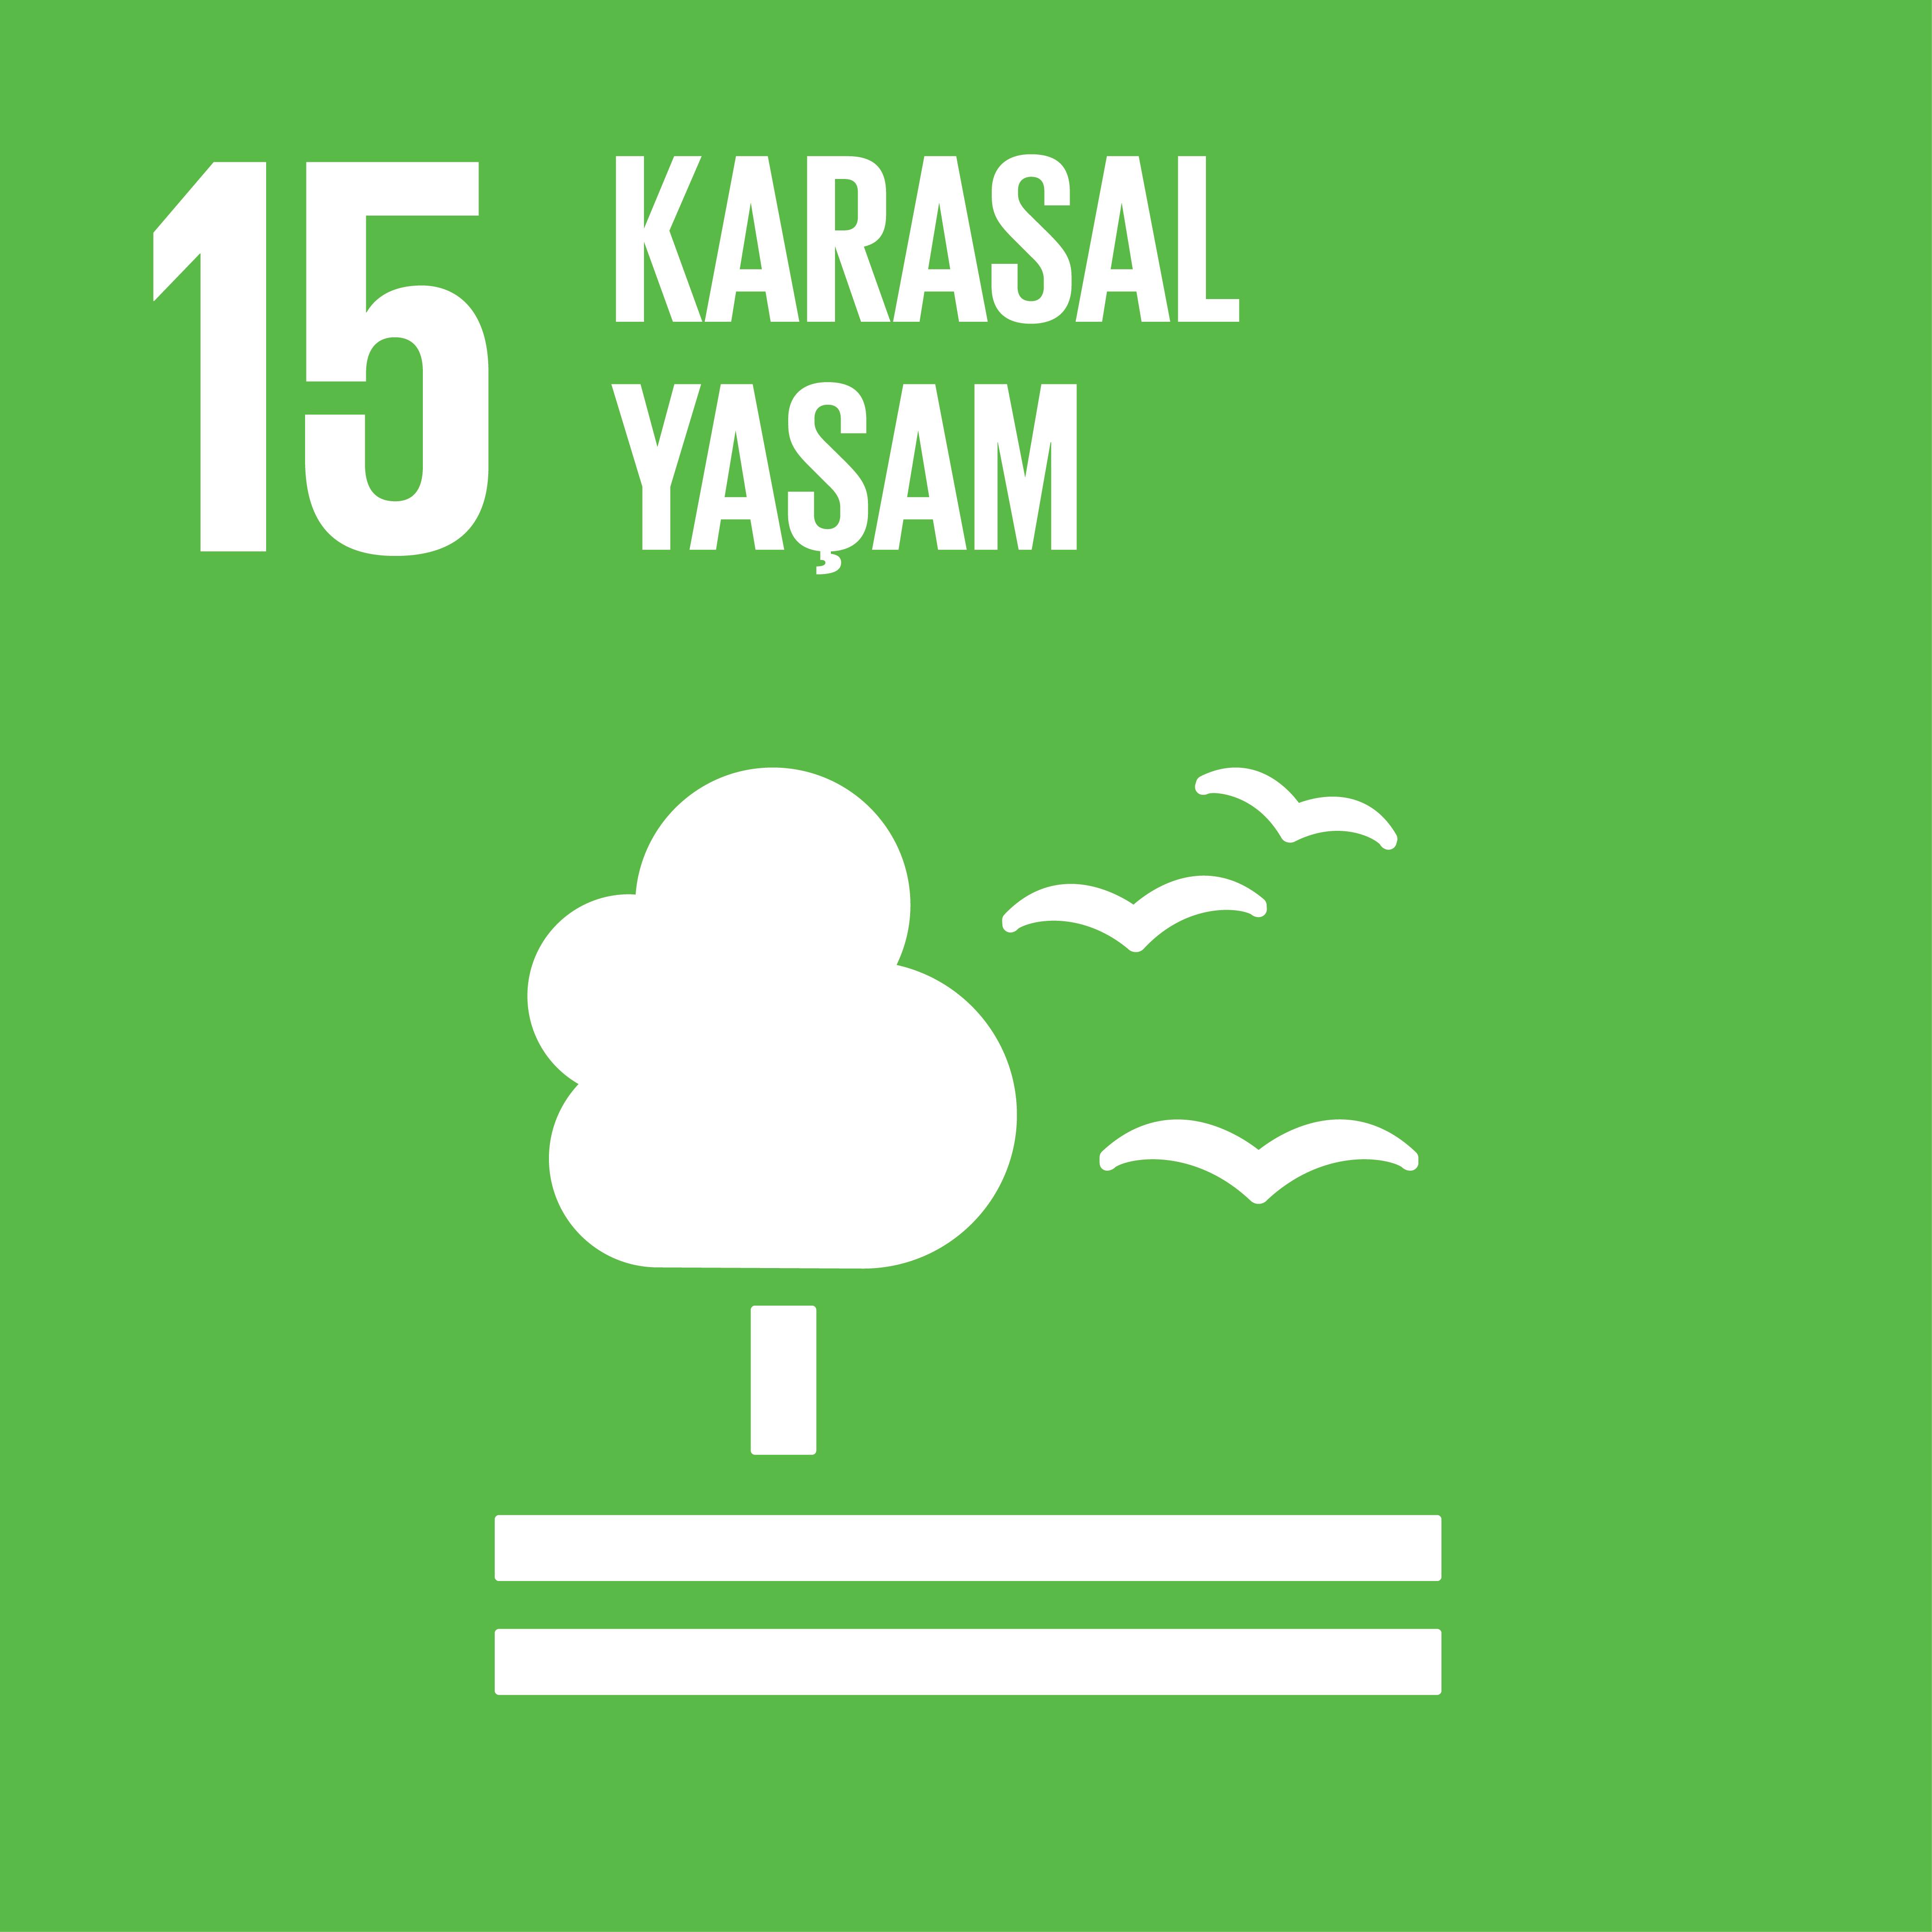 SDG 15 Sürdürülebilir Kalkınma Amacı 15 - Karasal Yaşam